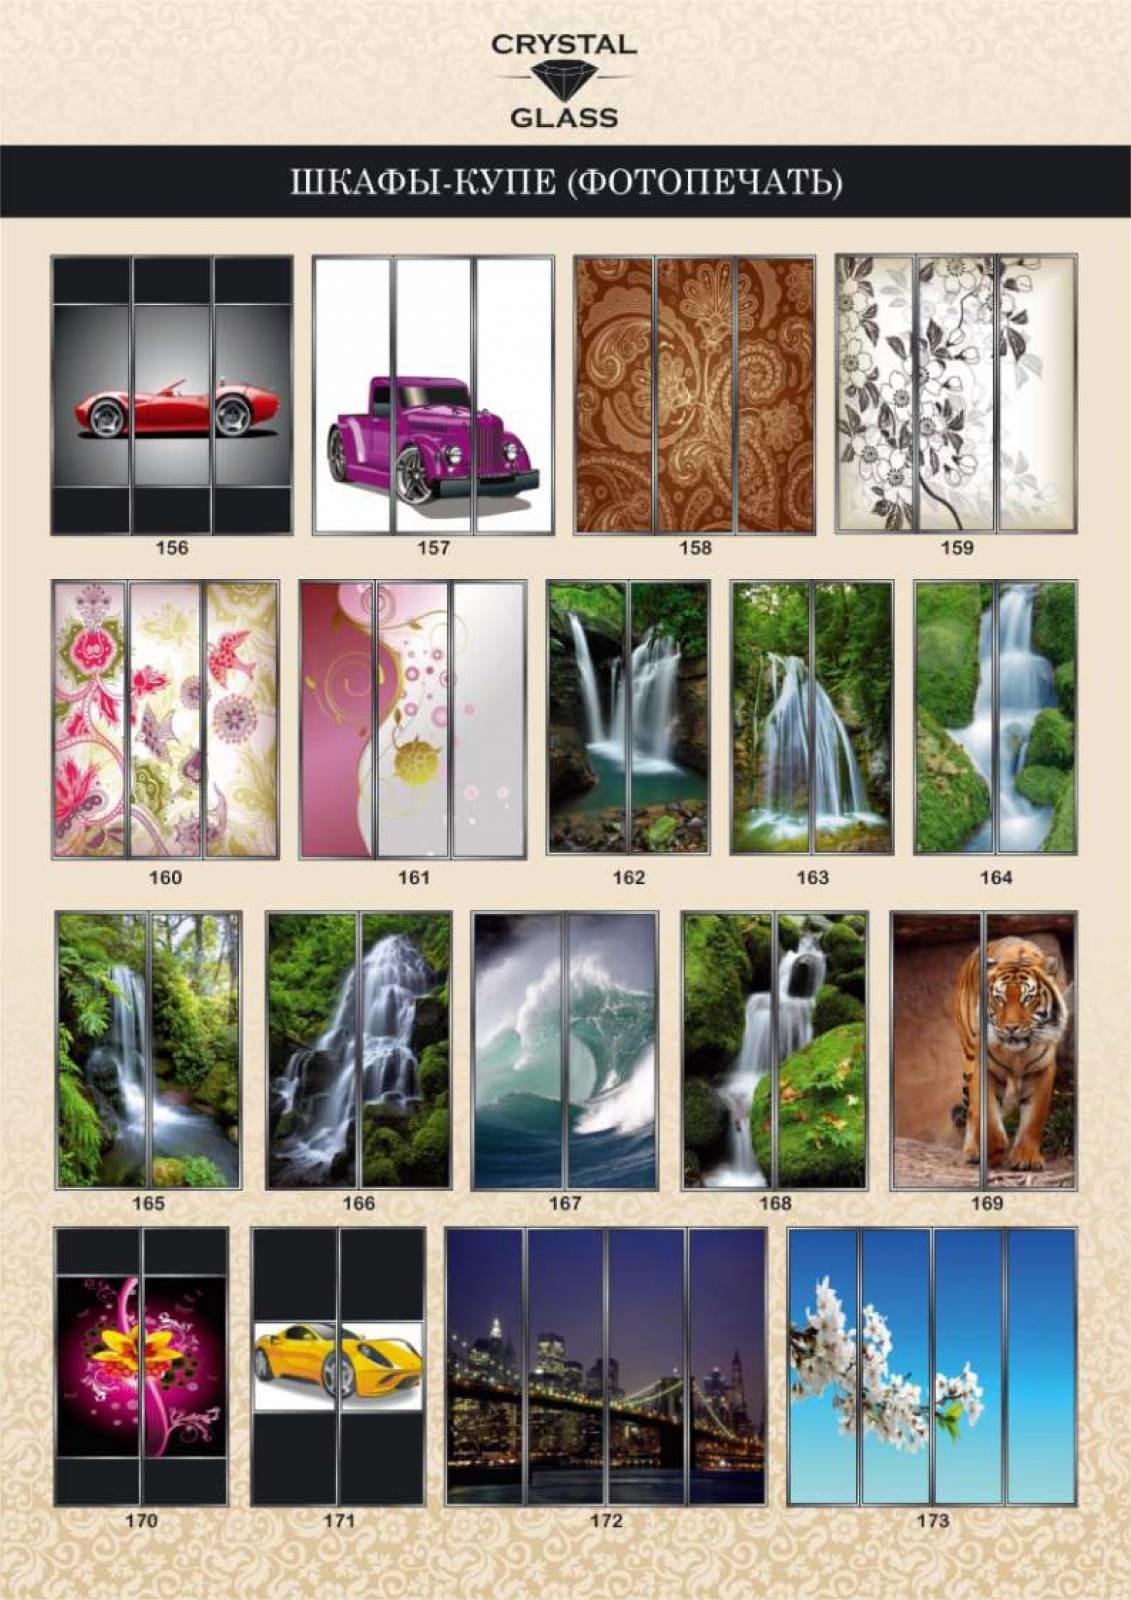 Картинки для фотопечати высокого разрешения для шкафов купе, прикольные картинки открытки